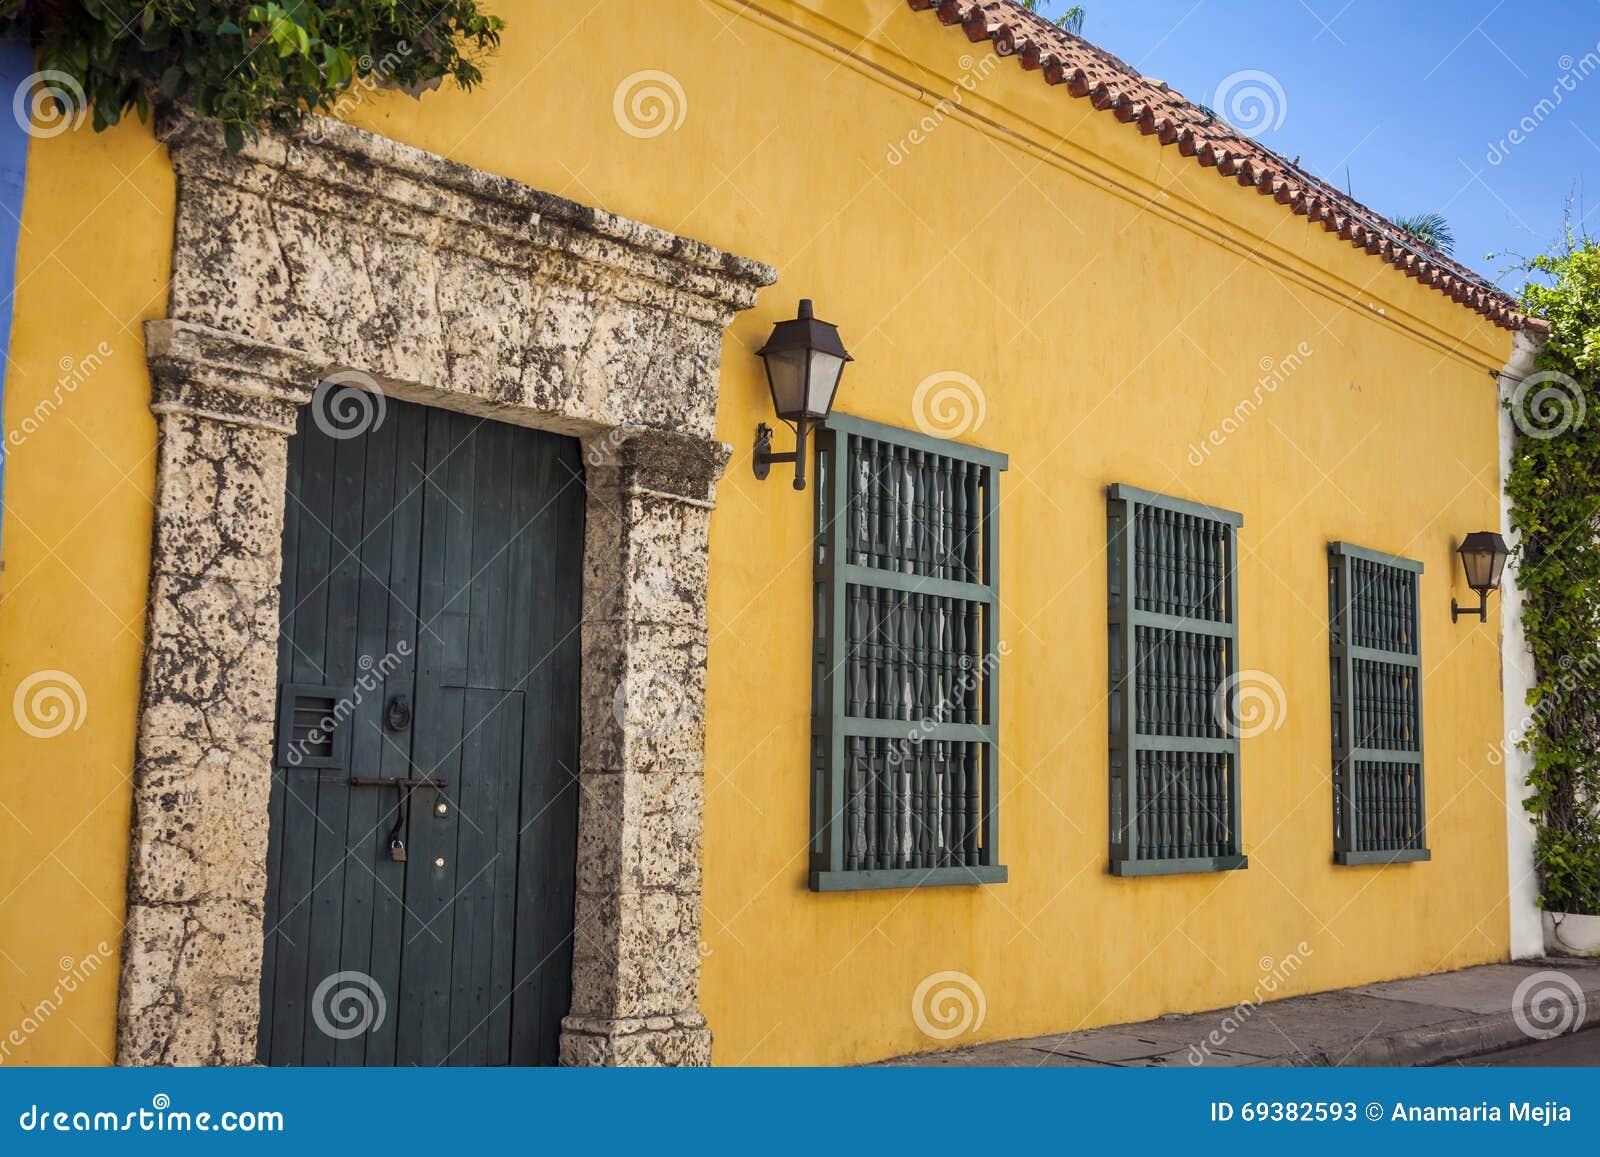 Fachada De Una Casa Colonial Imagen De Archivo Imagen De